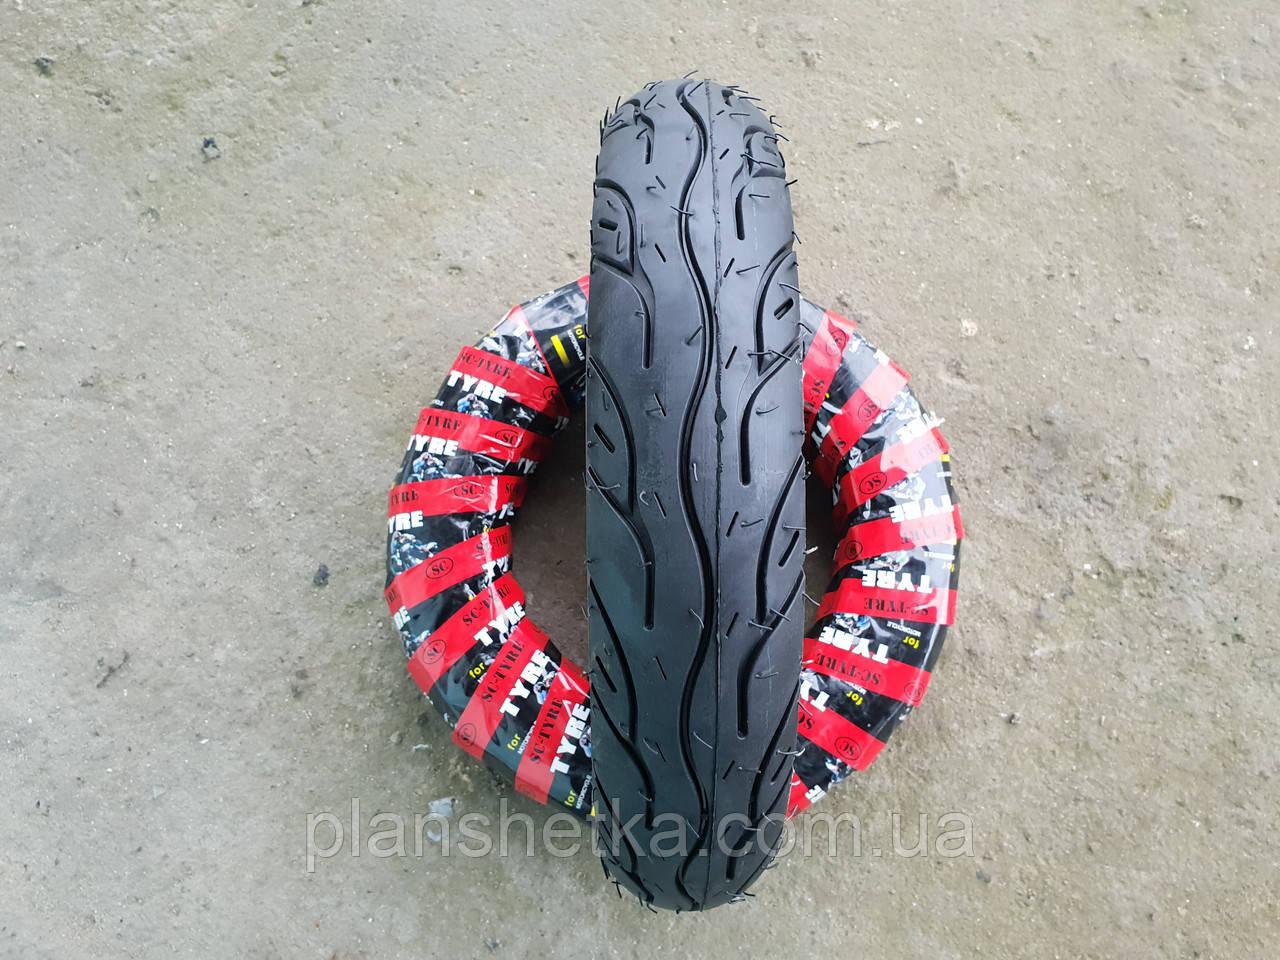 Резина на скутер 3.00-10 бескамерная шоссе 6 PR